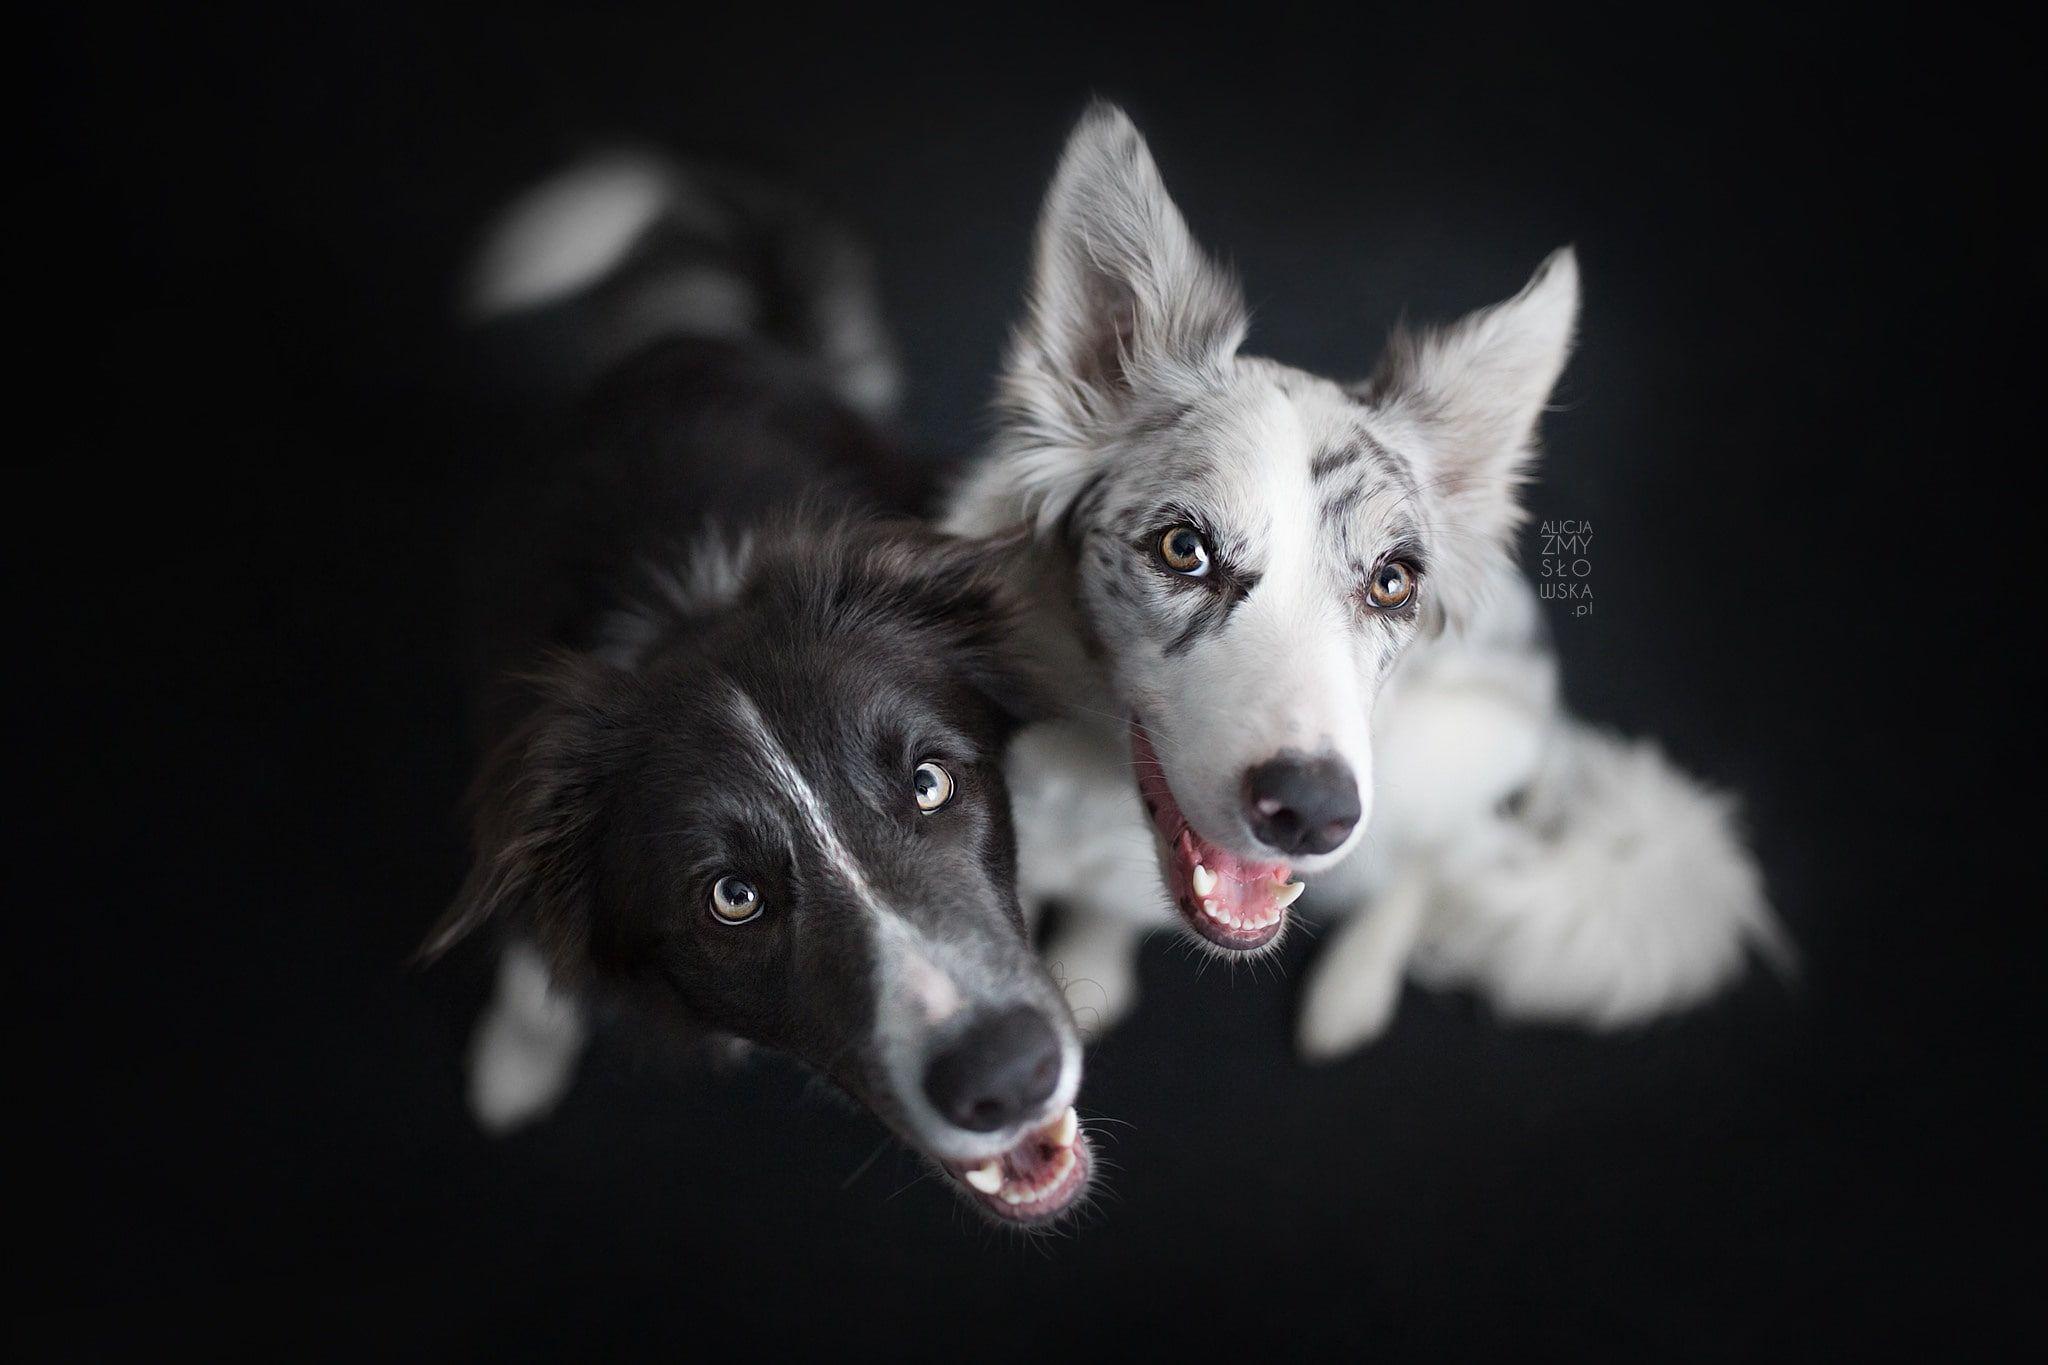 Black White Dog Animals 1080p Wallpaper Hdwallpaper Desktop Australian Shepherd Dogs Black Dog Dogs